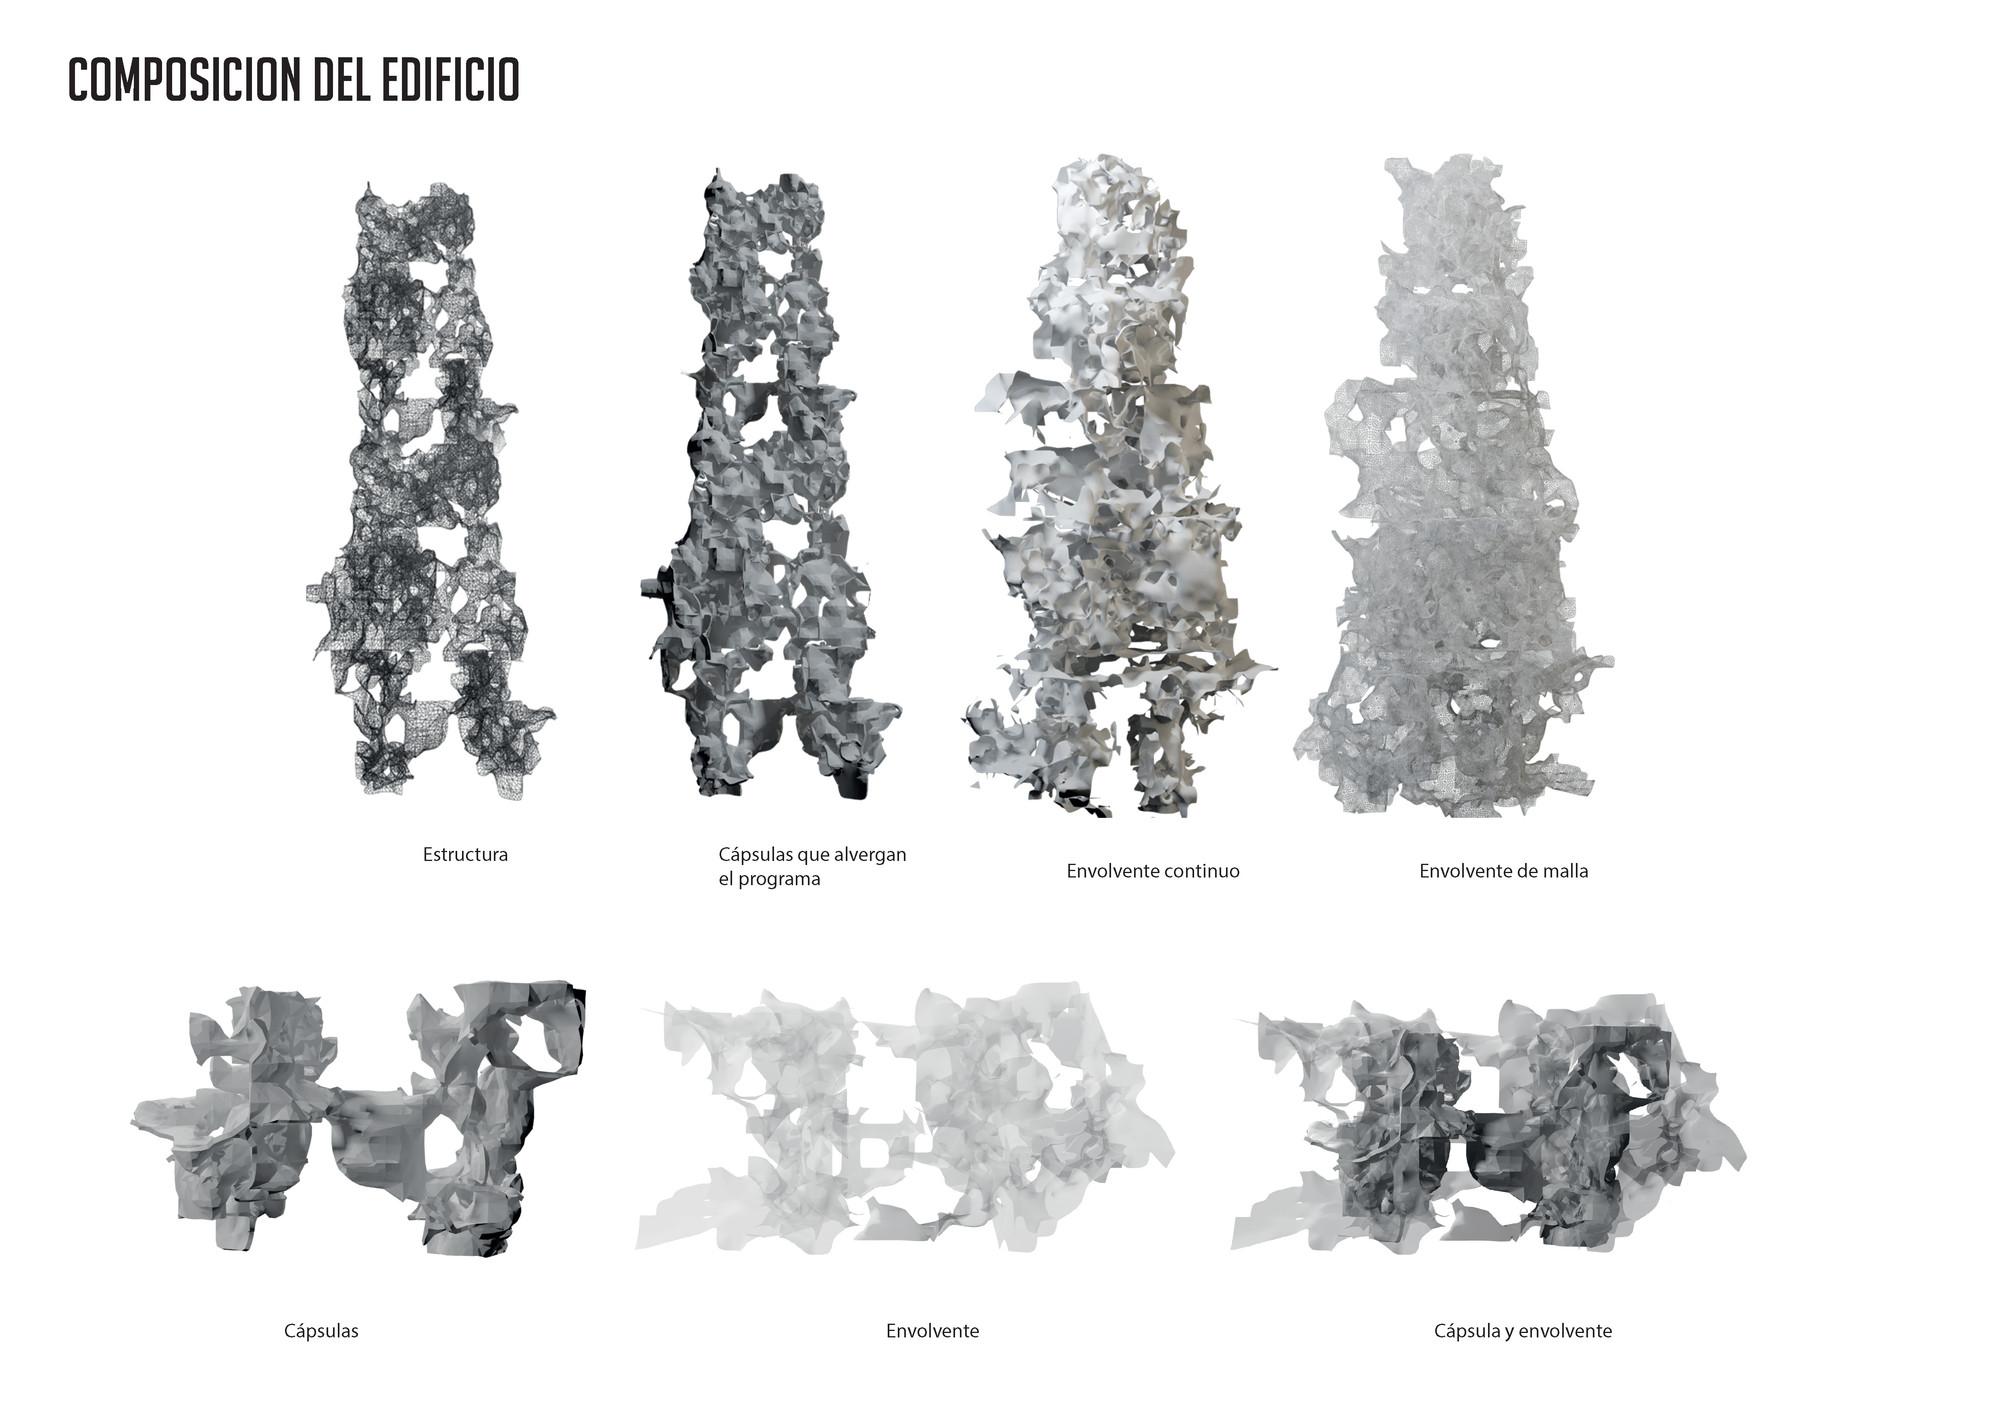 Composición del edificio. Image Courtesy of Javiera Sepúlveda y Diego Espinosa